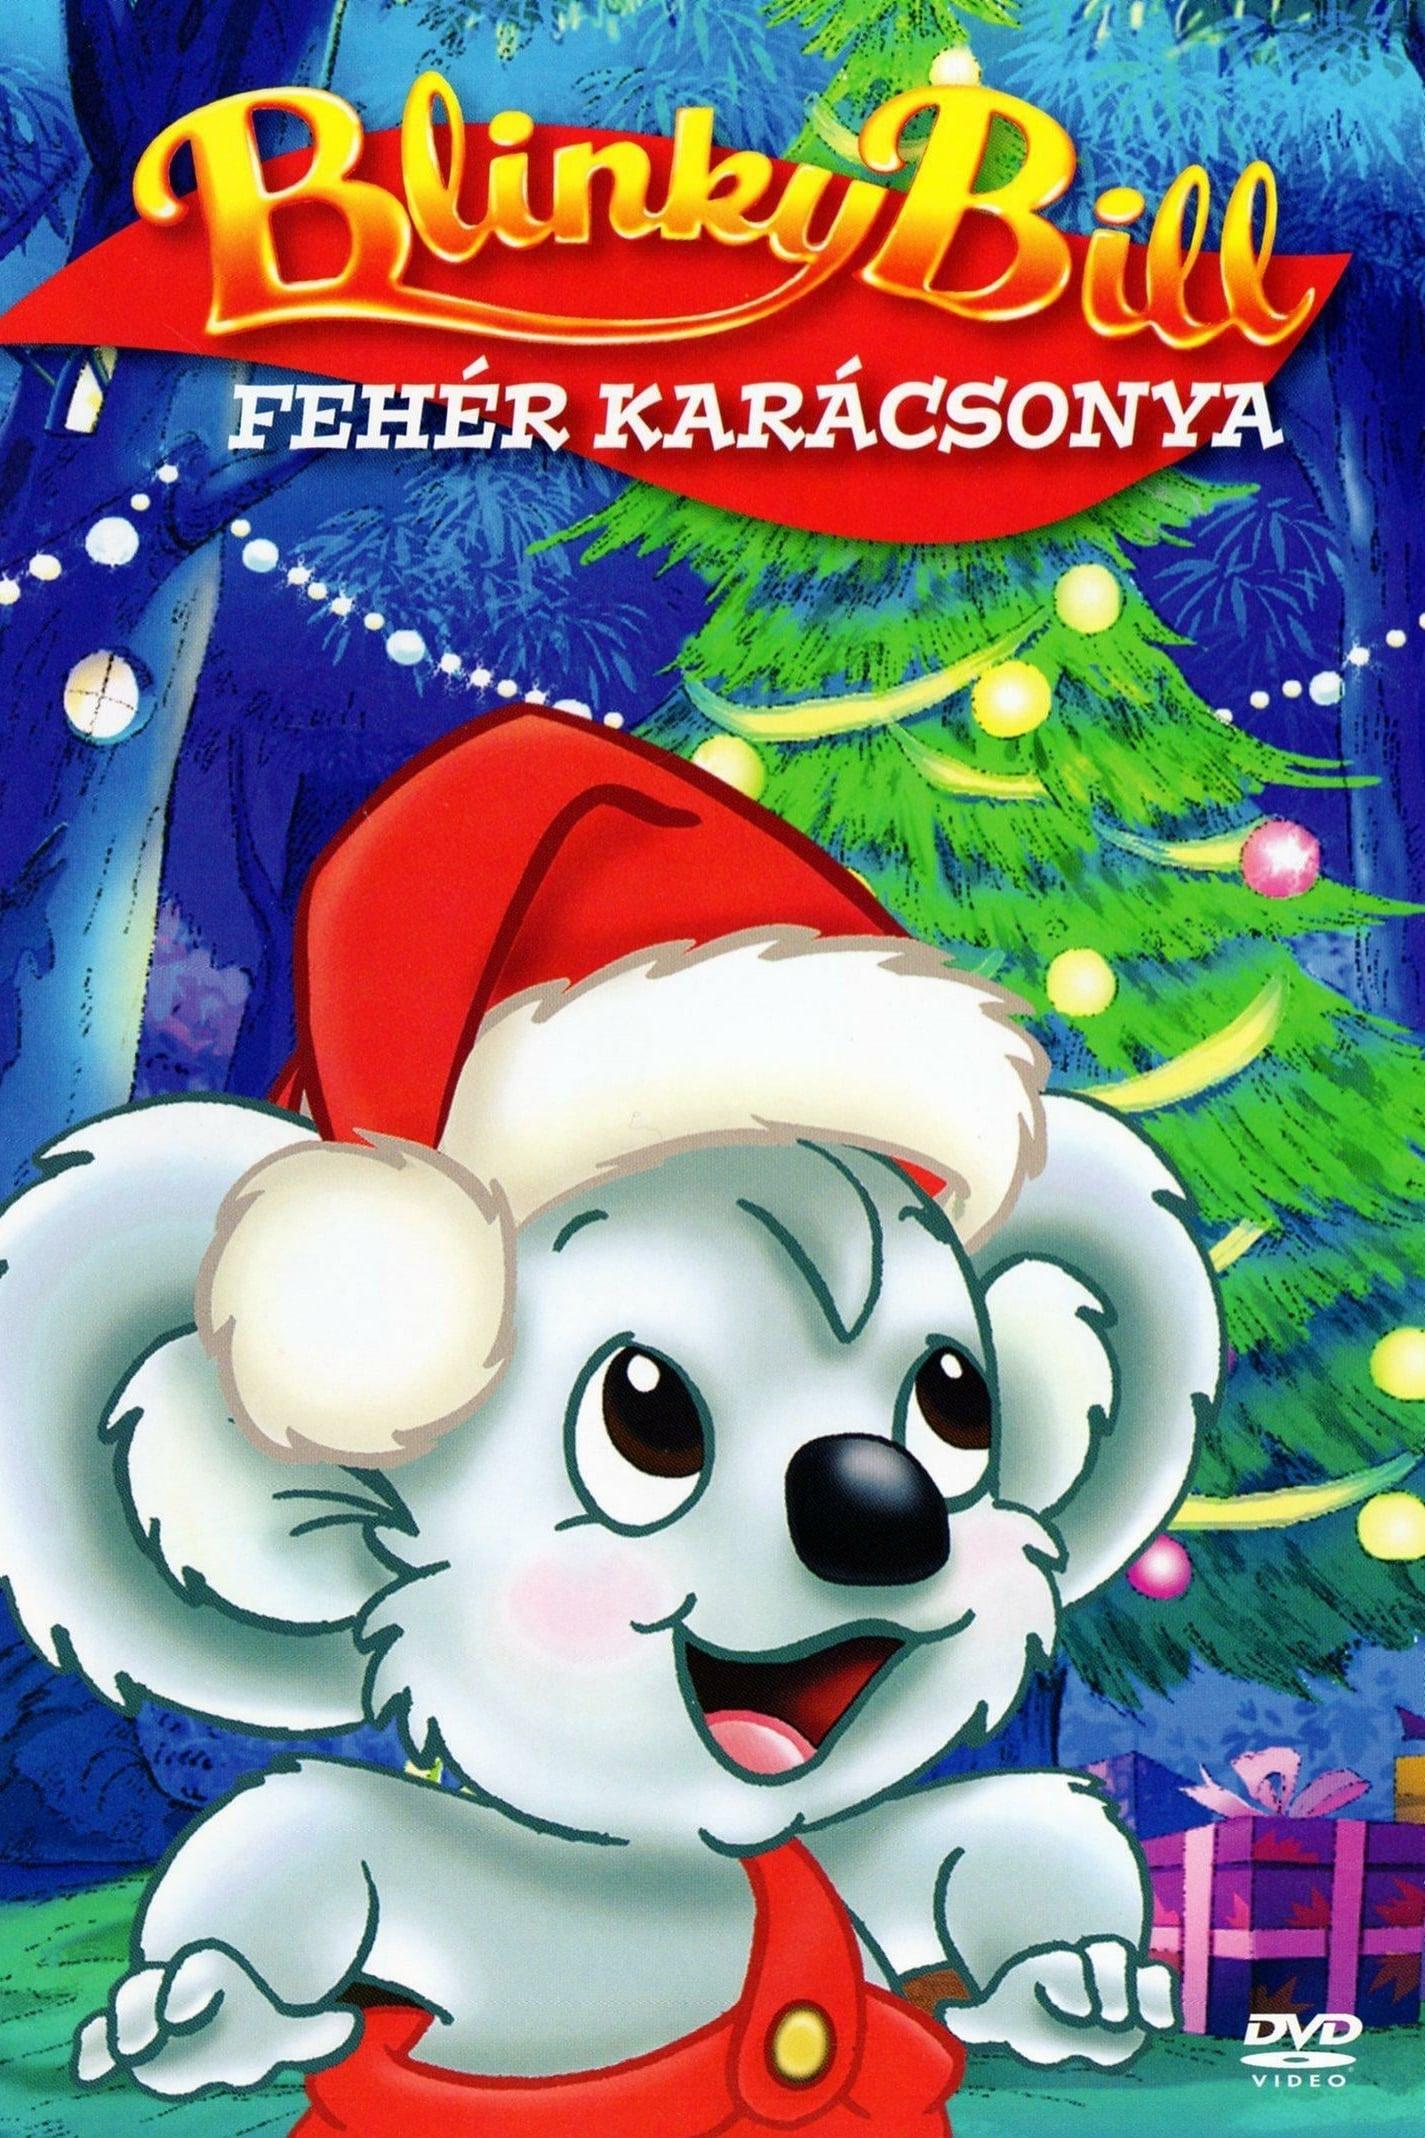 Blinky Bill's White Christmas